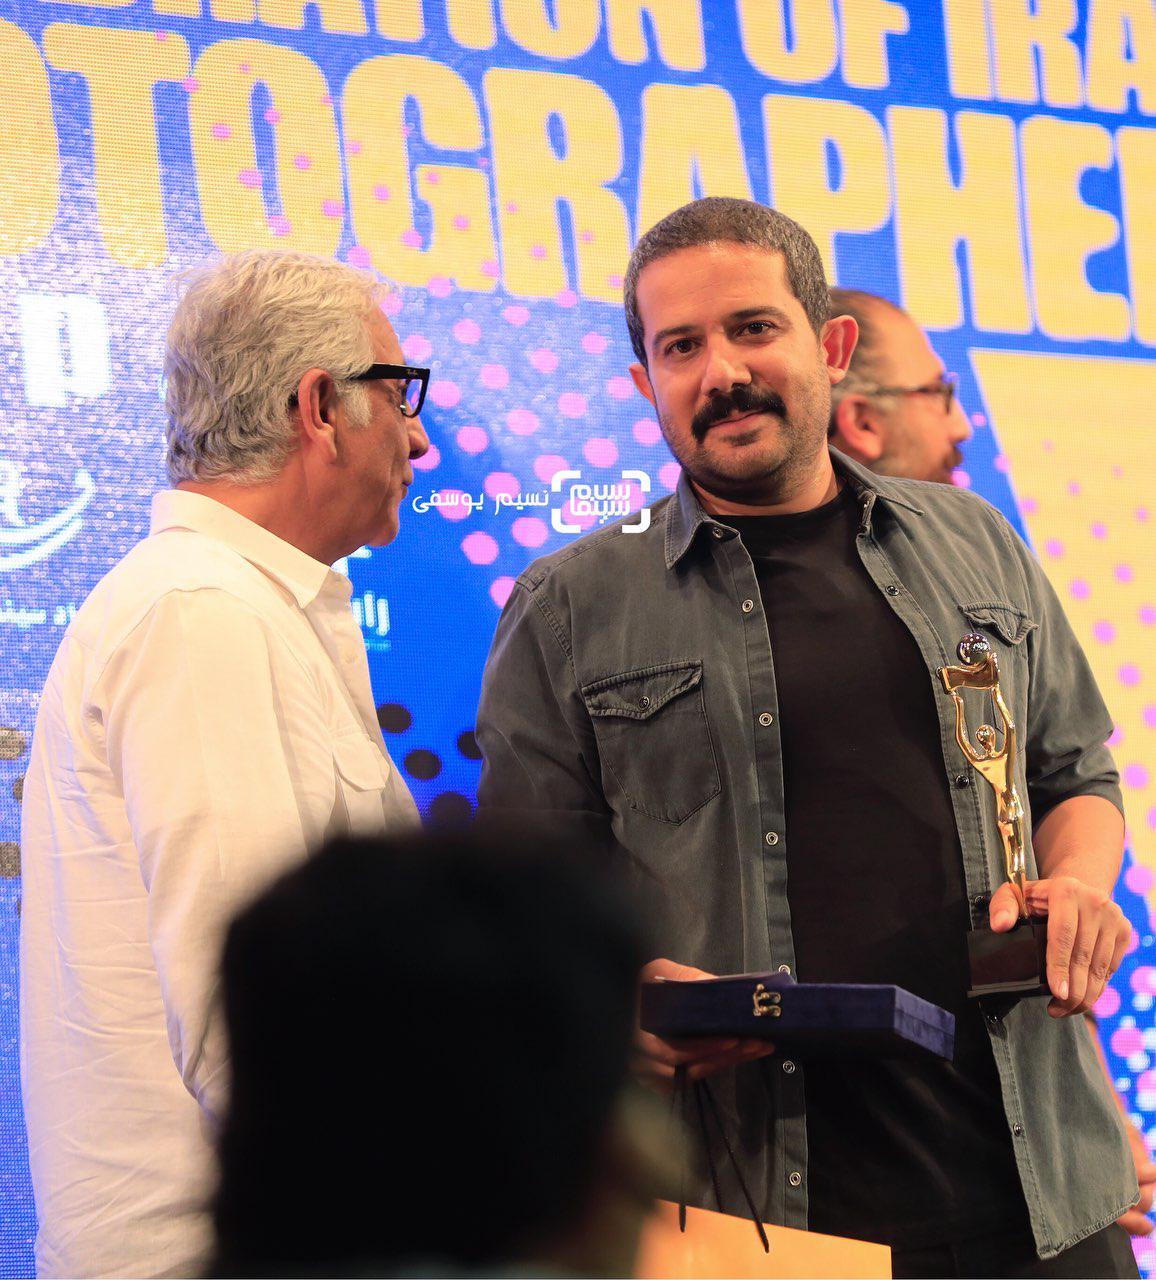 امید صالحی - پنجمین جشن عکاسان سینمای ایران/ گزارش تصویری